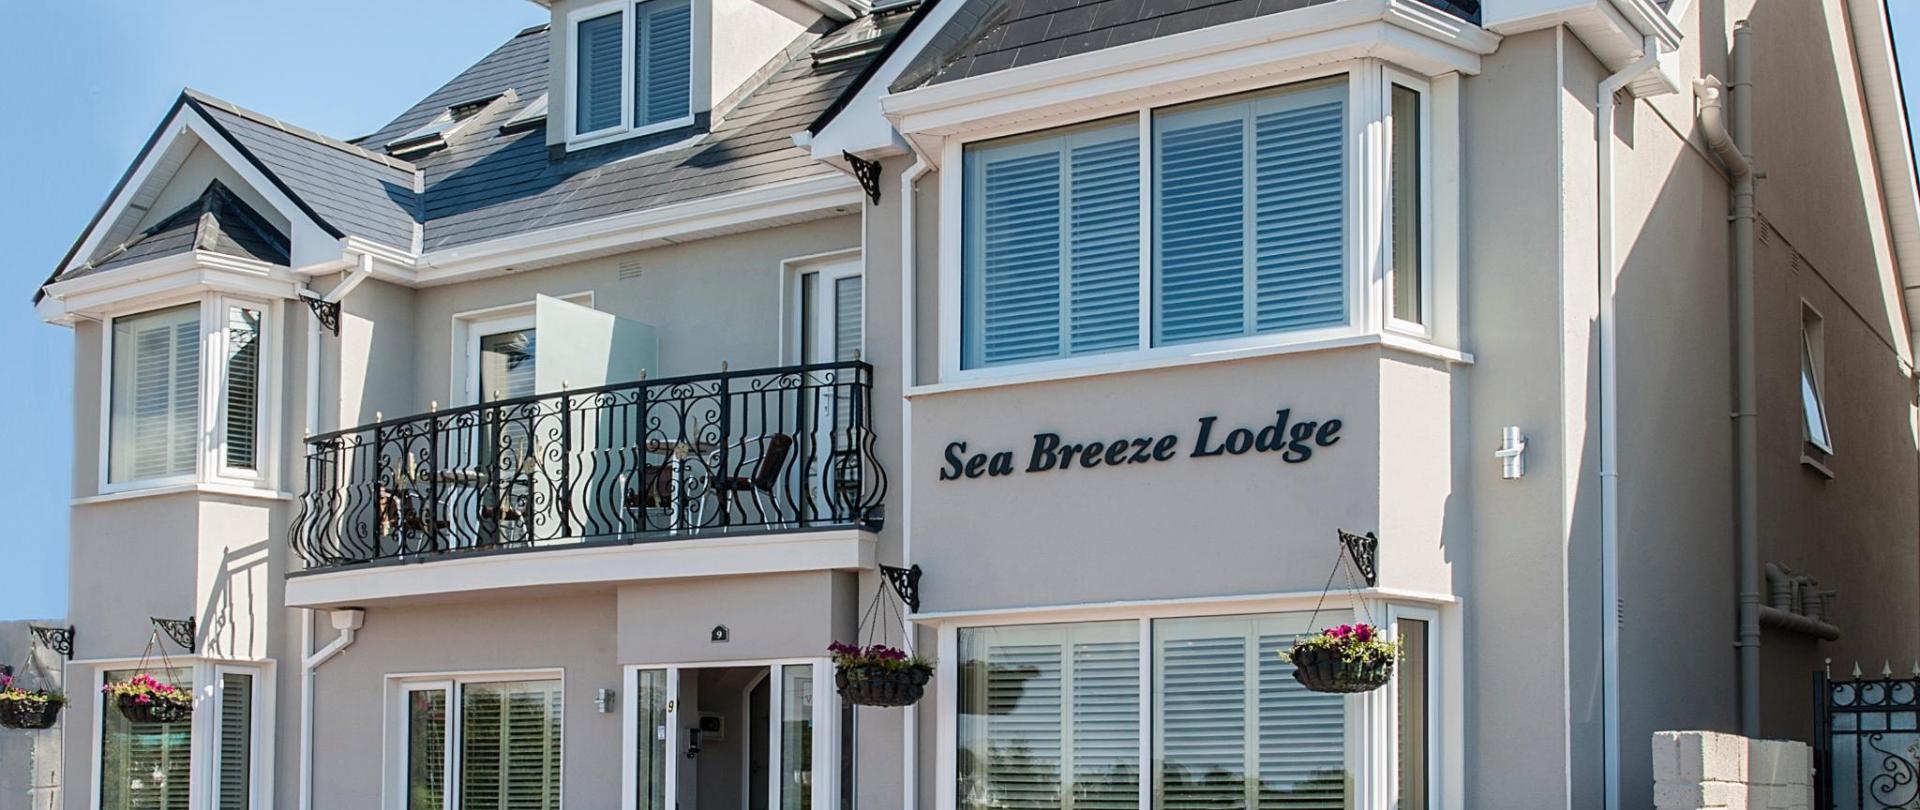 Sea Breeze Lodge B&B